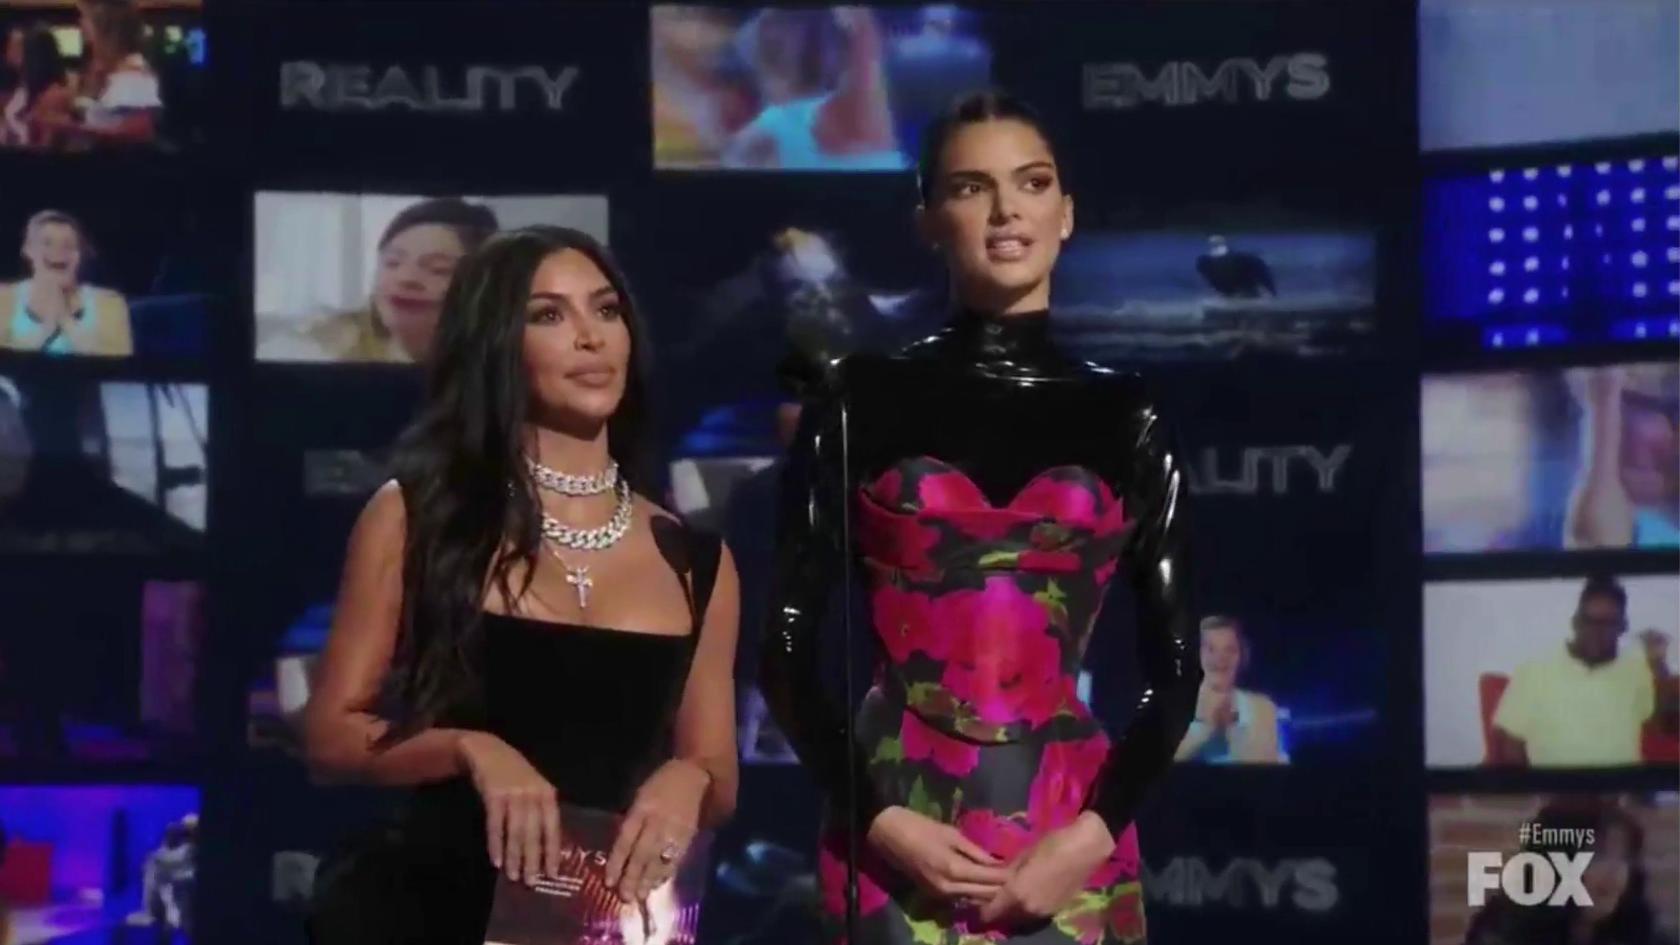 VIDEO |El incómodo momento que vivió Kim Kardashian y Kendall Jenner durante los Emmy 2019